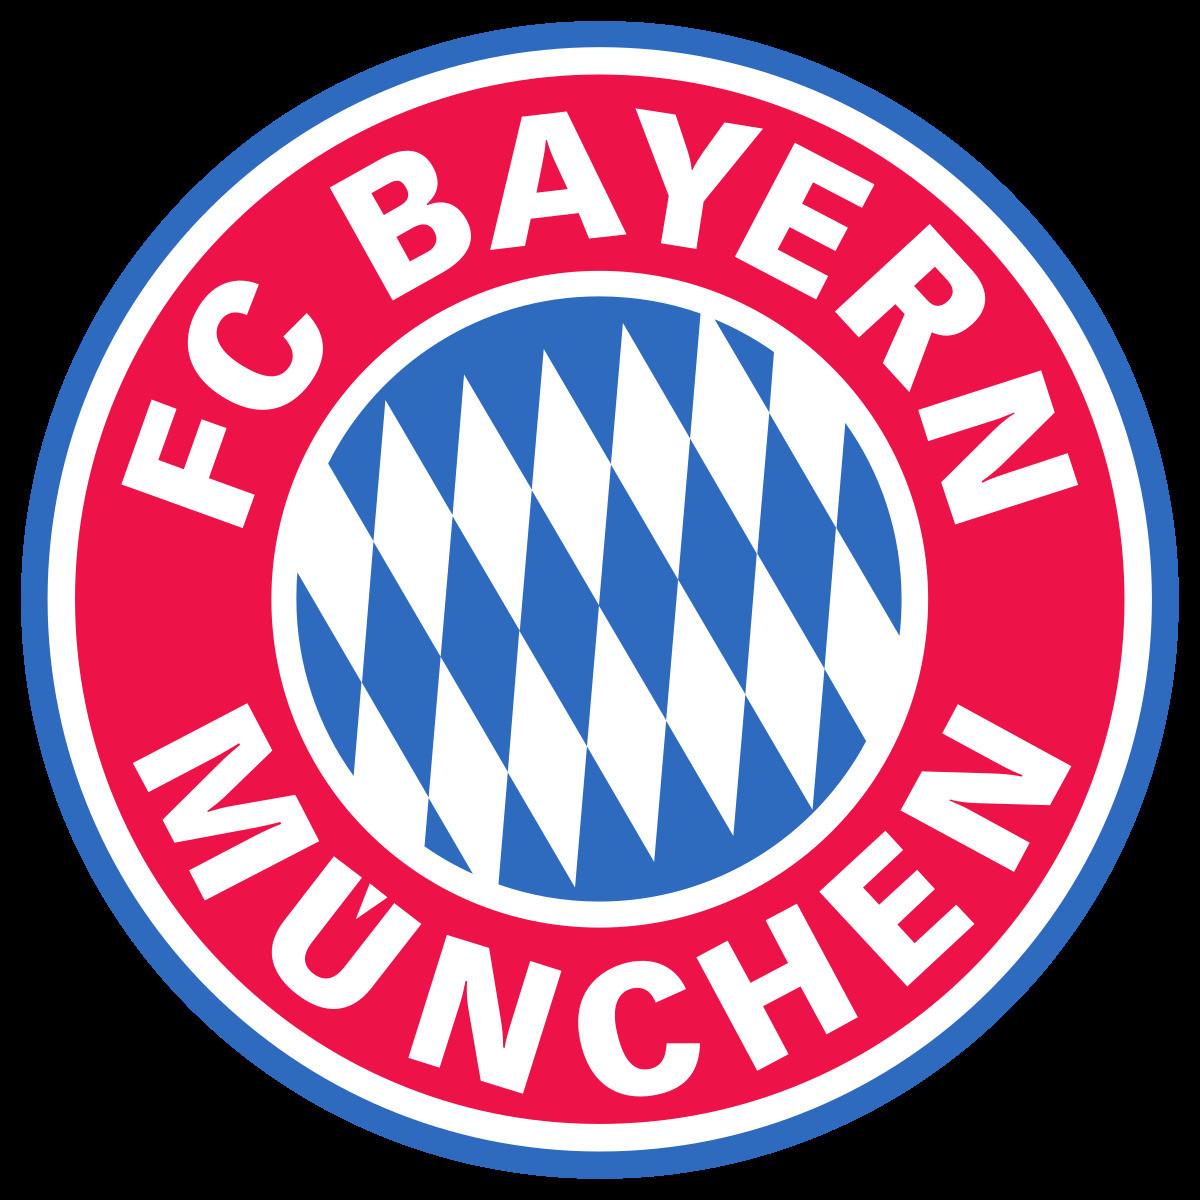 Ausmalbild Fc Bayern Das Beste Von Fußball Club Bayern München Frisch Ausmalbilder Fc Bayern München Fotografieren